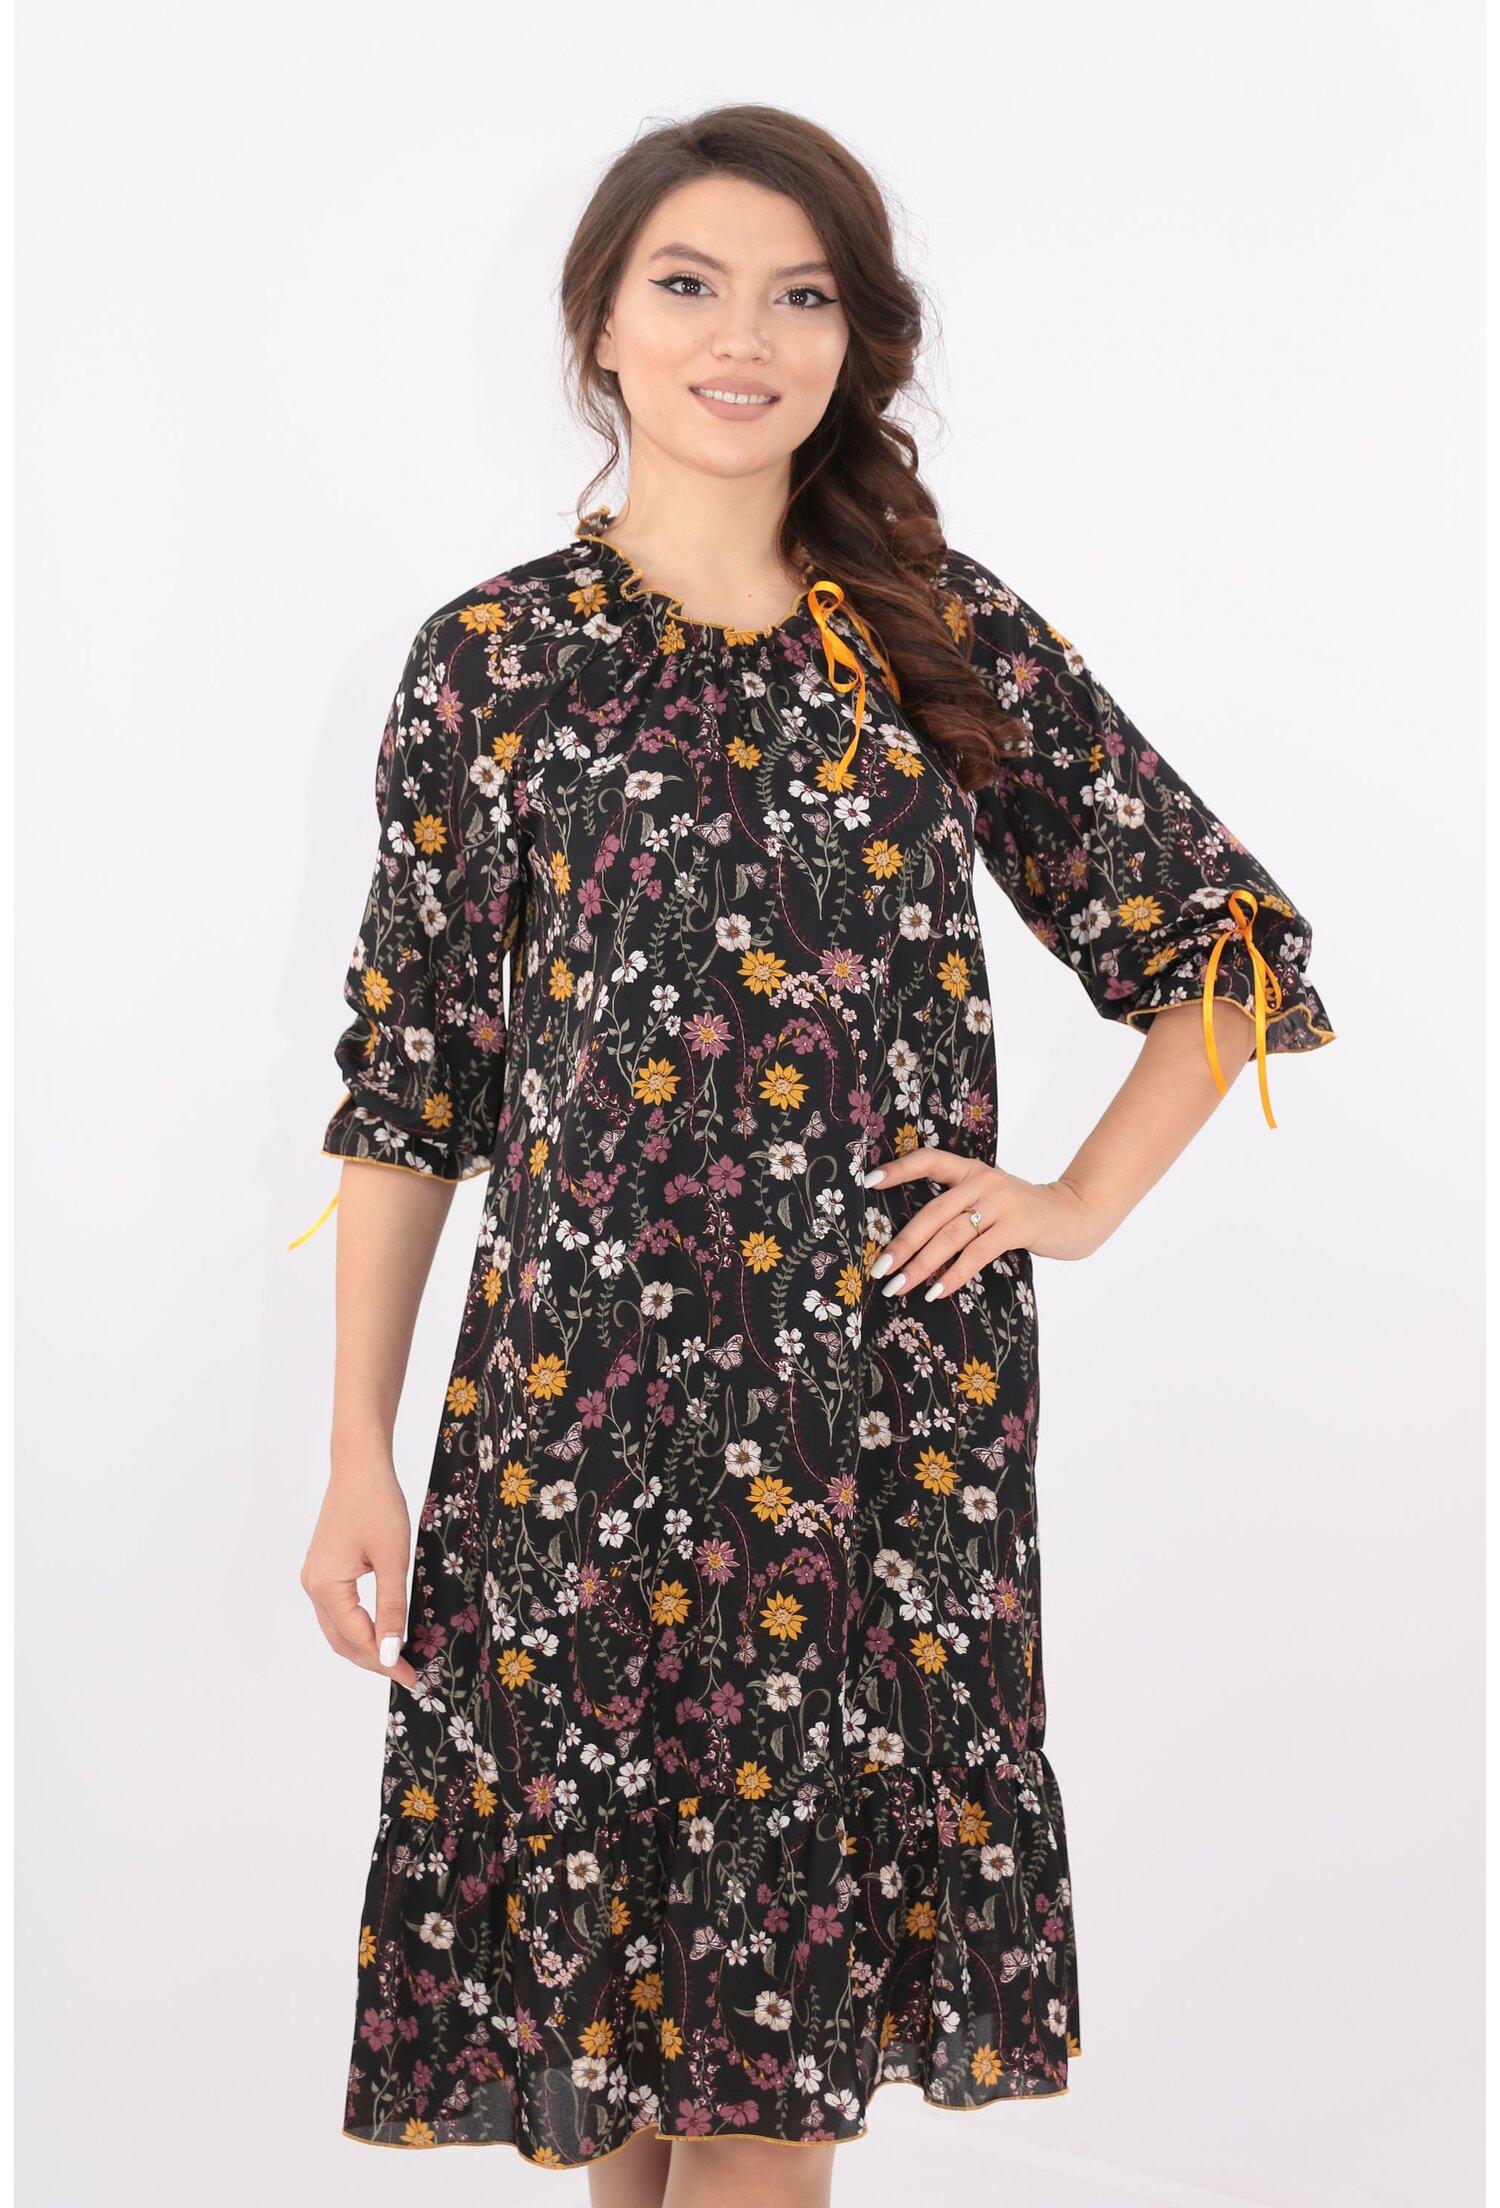 Rochie lejera neagra cu imprimeu floral